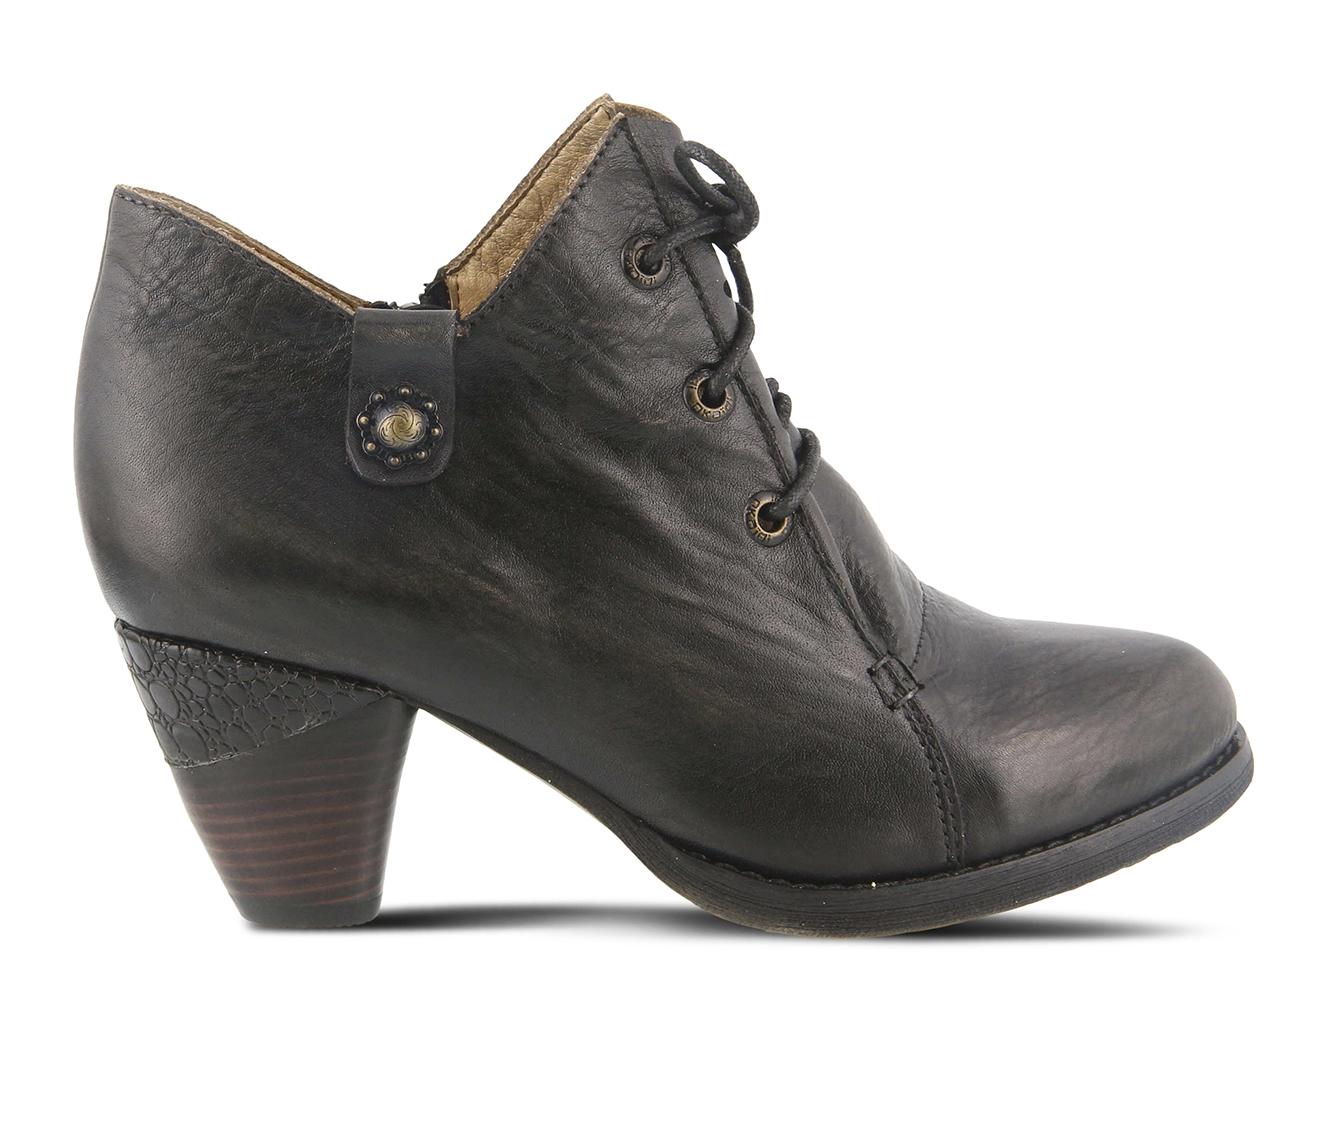 L'Artiste Juliane Women's Dress Shoe (Black Leather)